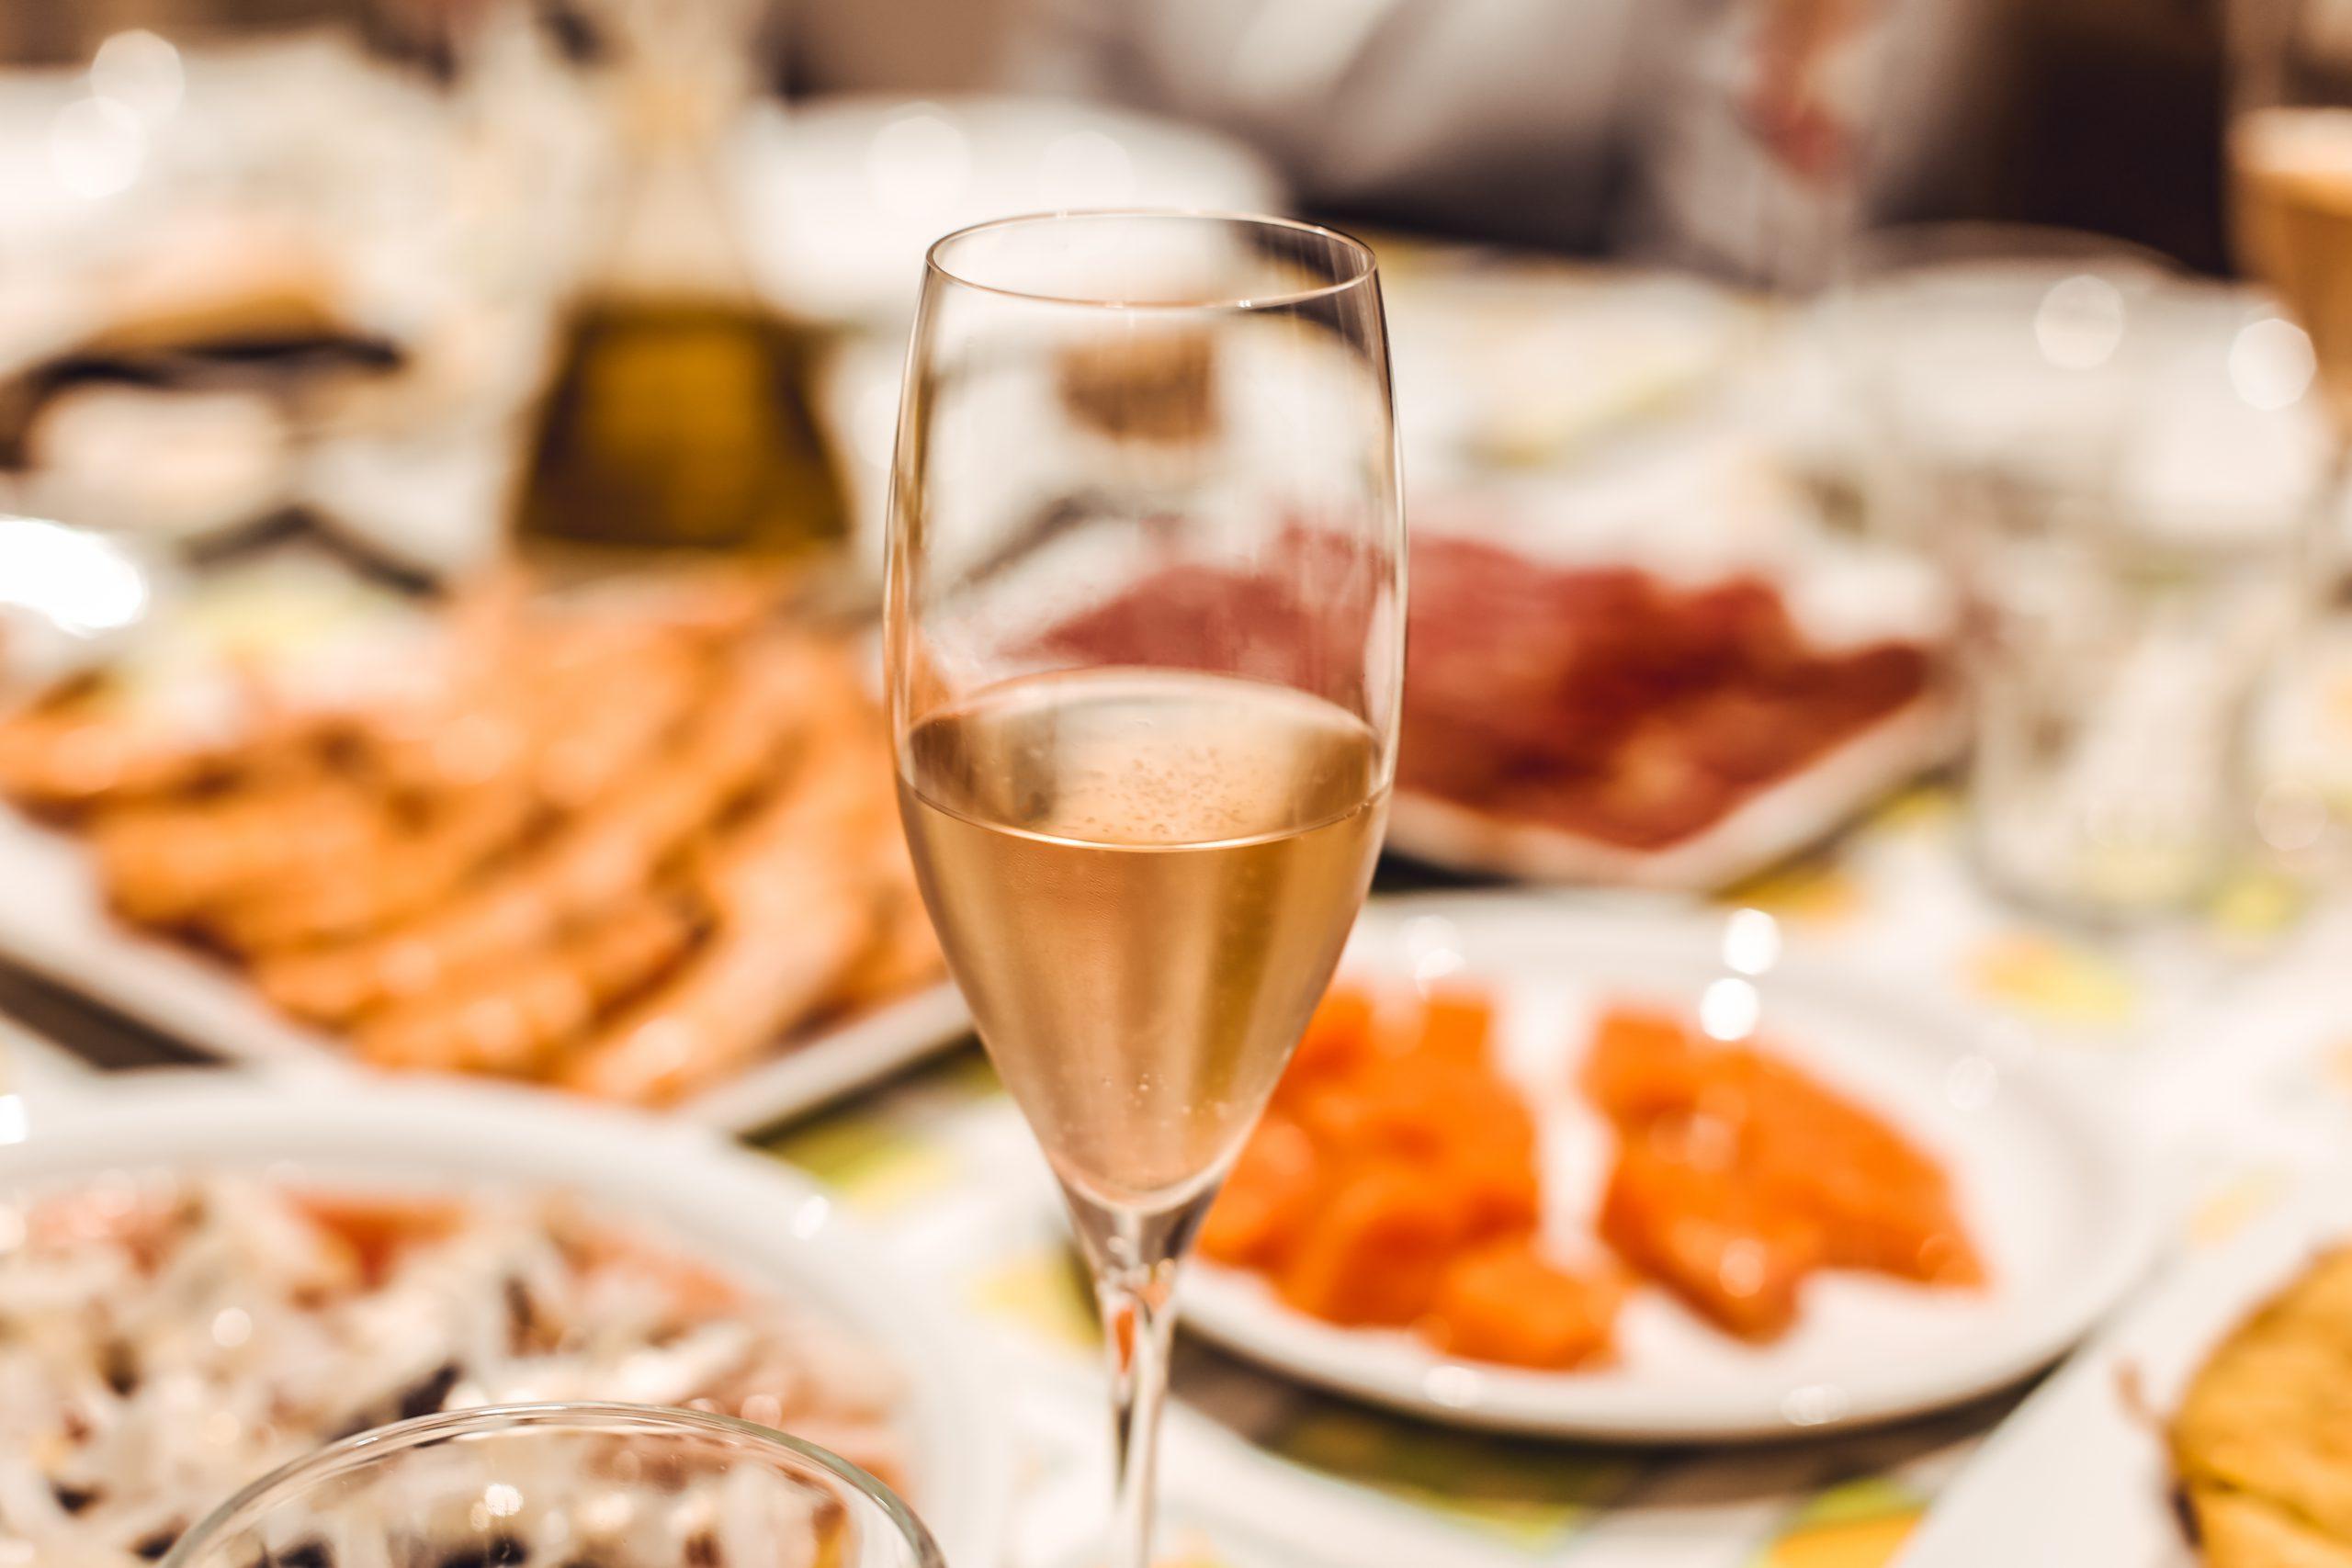 いつもの家飲みワインがちょっとしたコツで雰囲気グレードアップ!